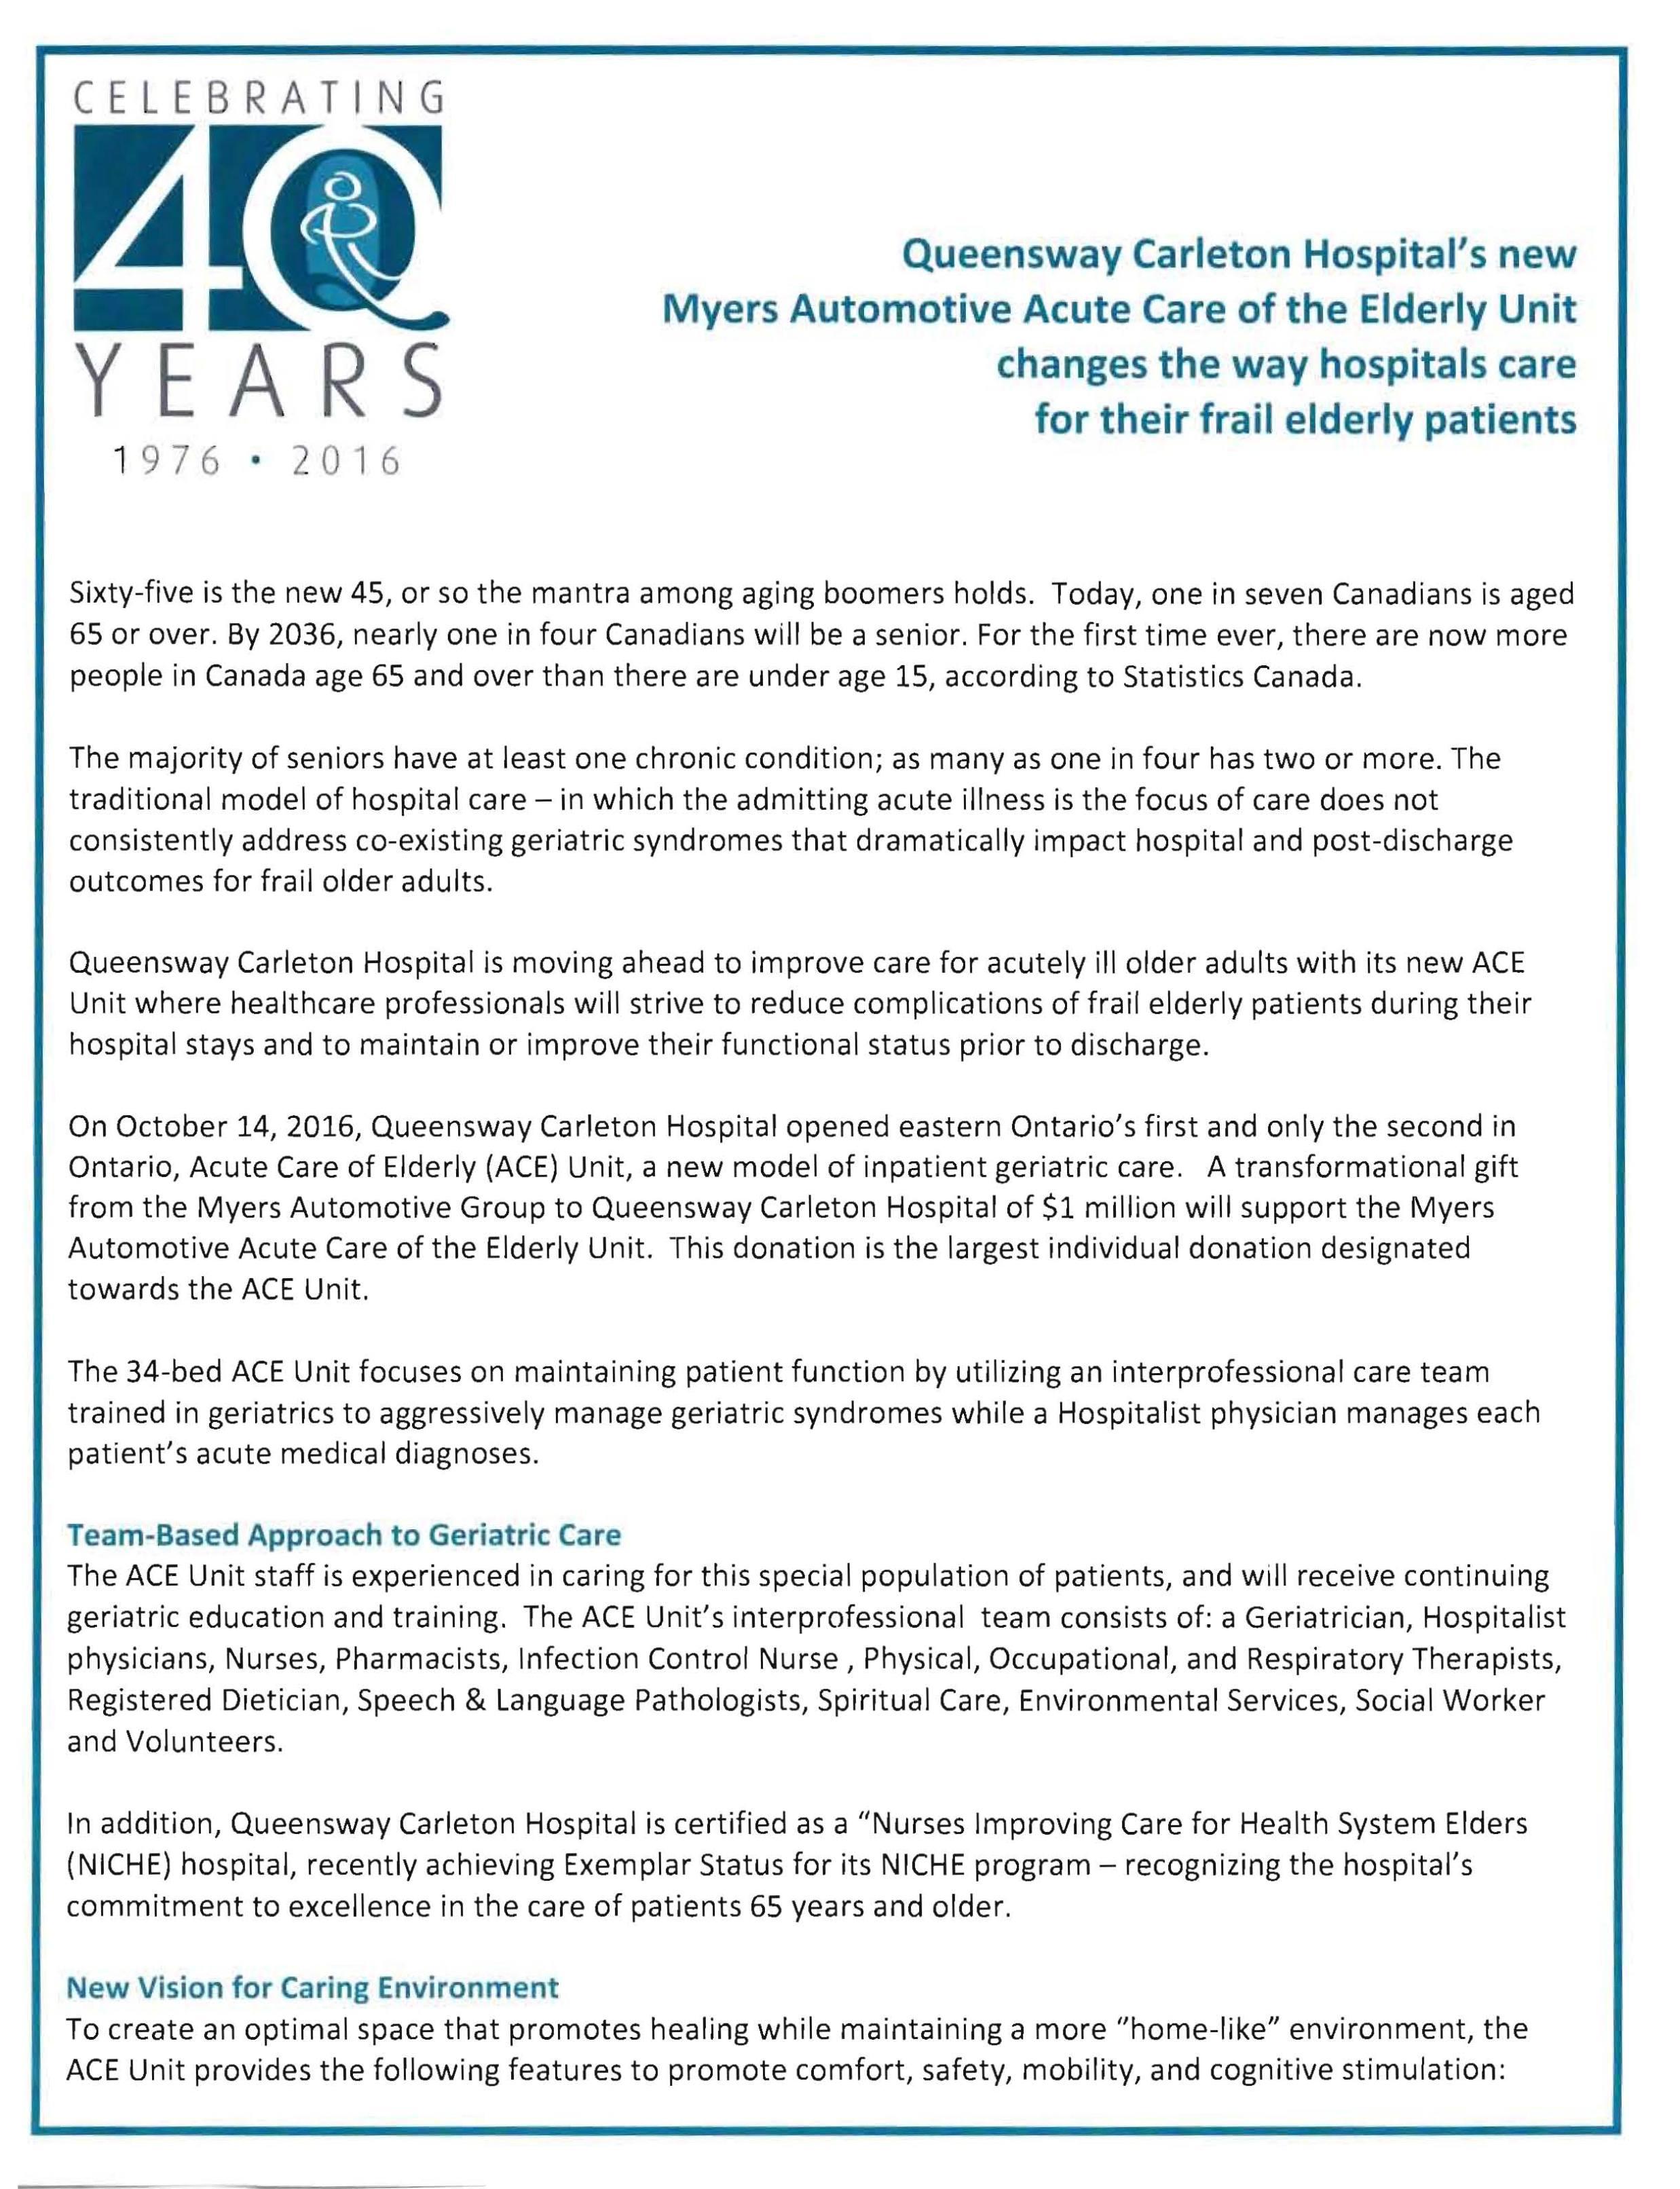 QCH - Myers Automotive ACE Unit Announcement - Oct 14 2016-1.jpg